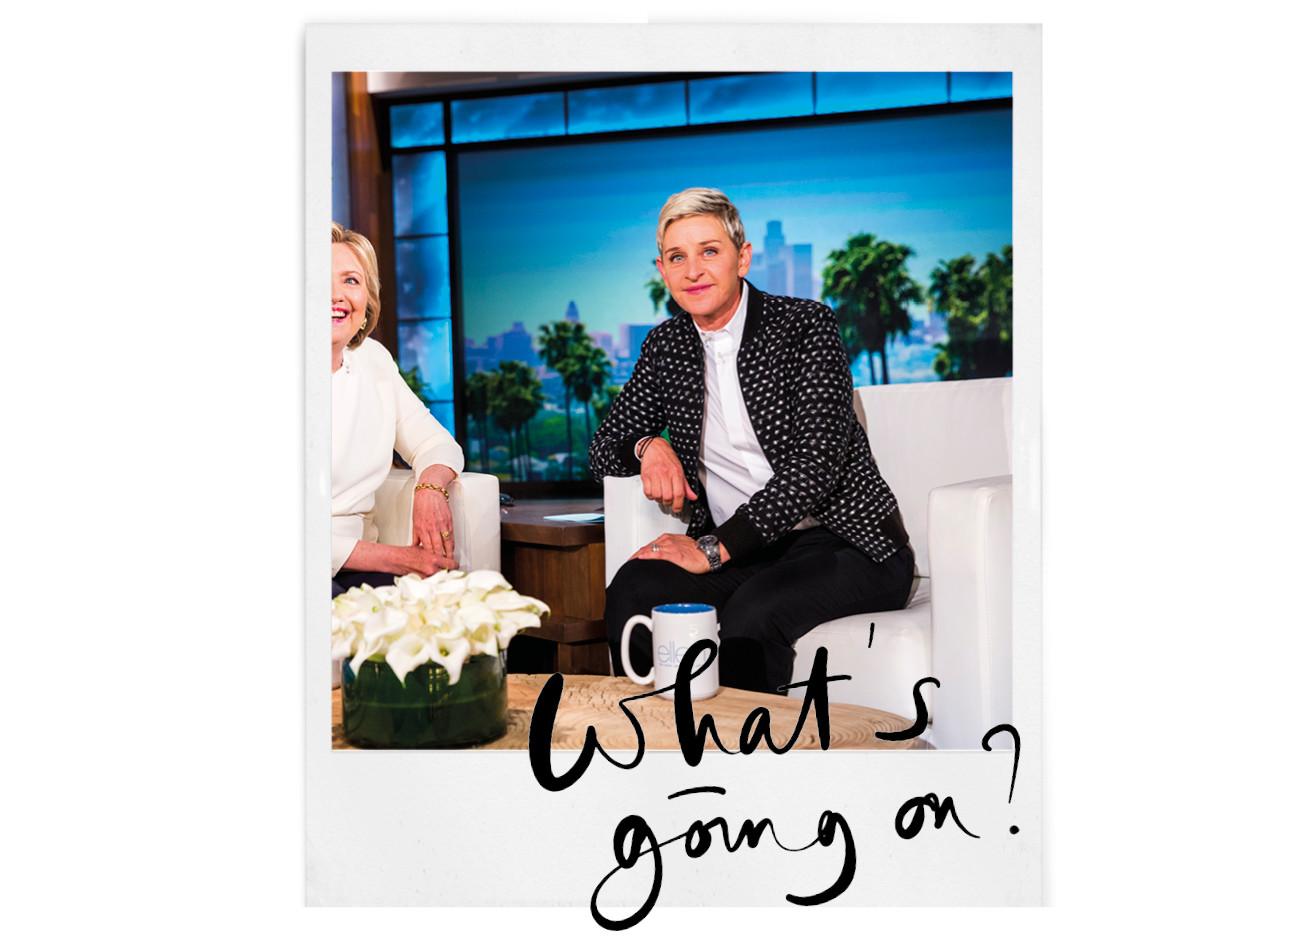 Oei: er komt een intern onderzoek naar The Ellen DeGeneres Show